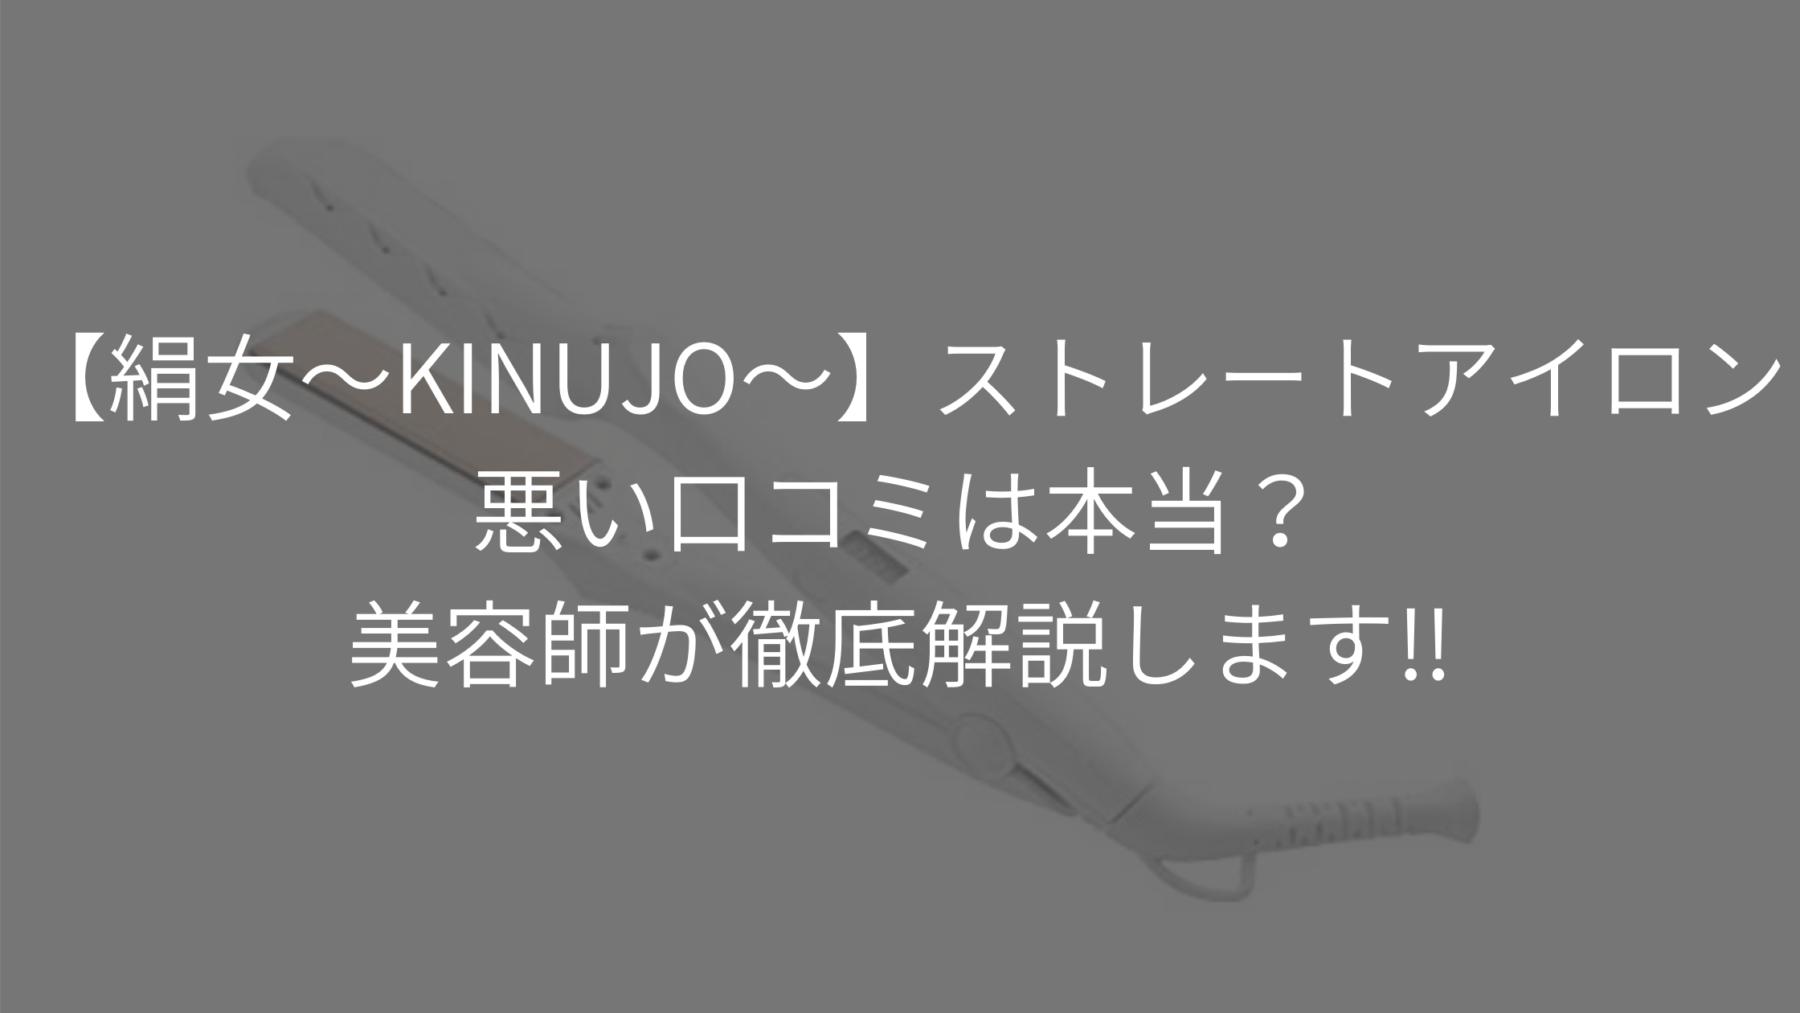 「絹女~KINUJO~ ストレートアイロンの悪い口コミは本当?美容師が徹底調査!」のアイキャッチ画像